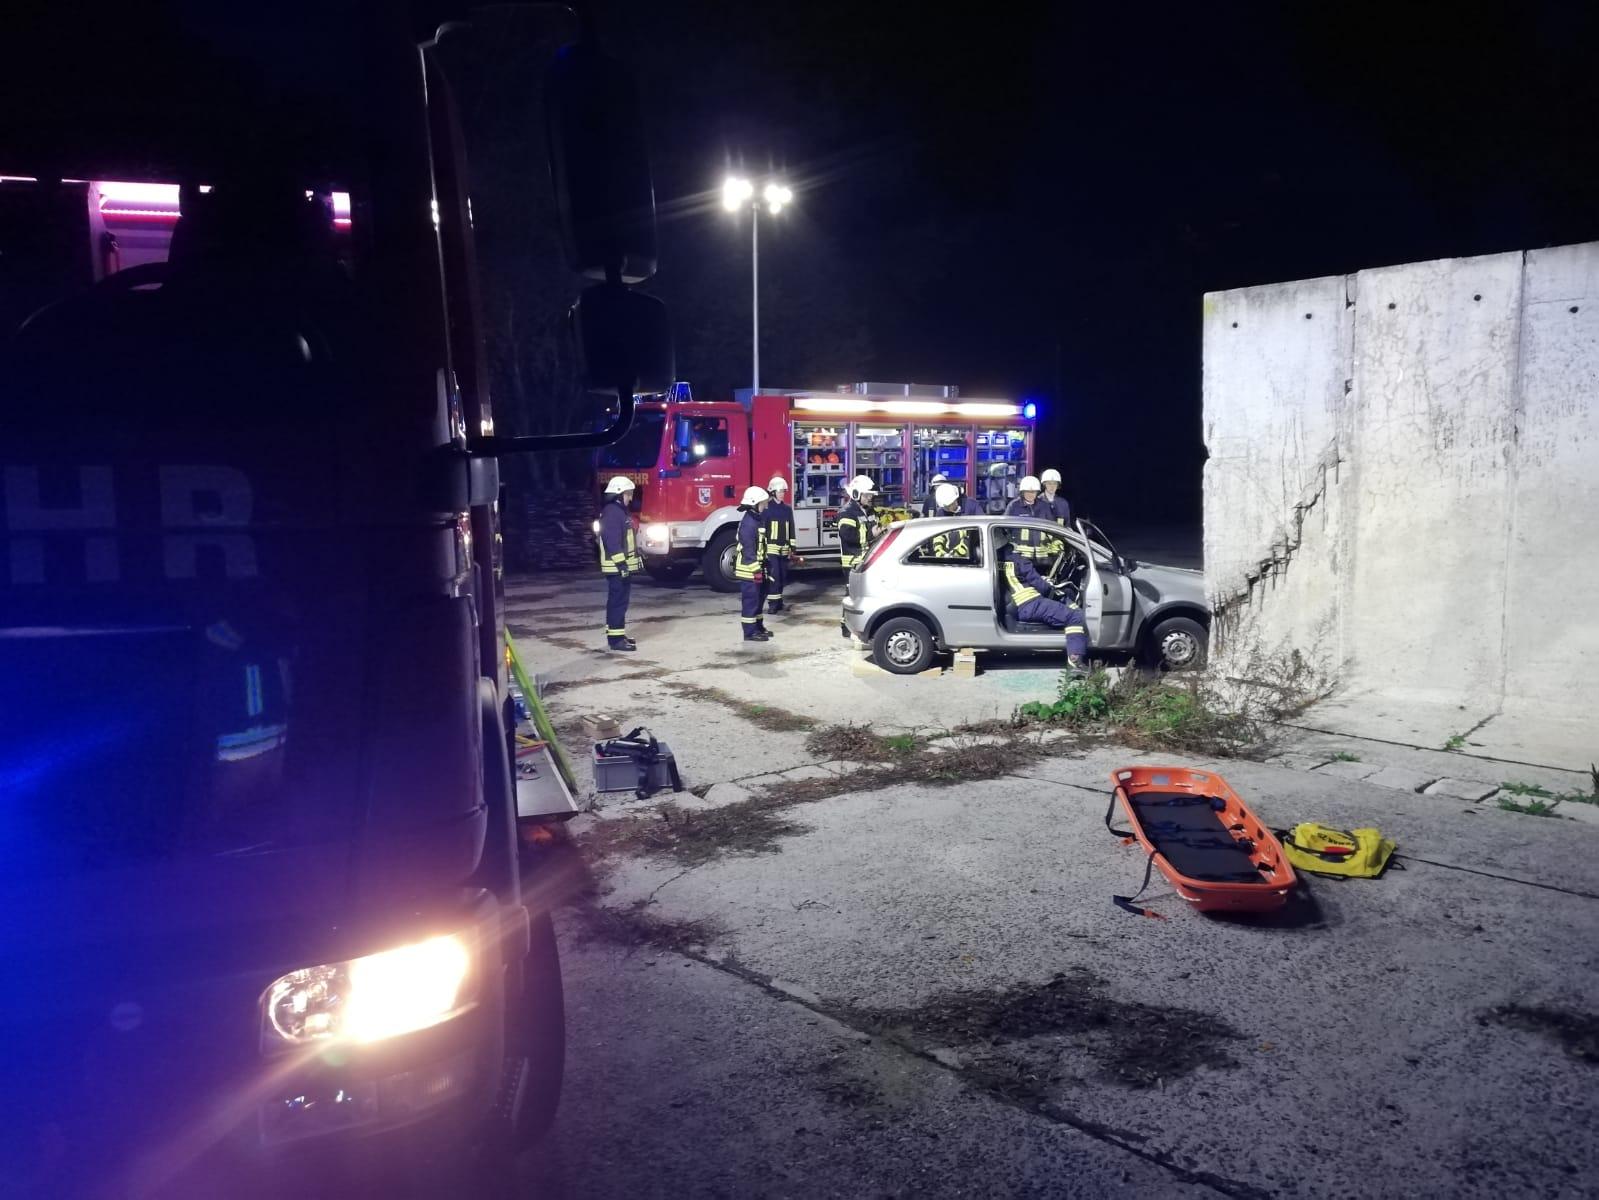 2019-10-23_Feuerwehr-trainiert-Verkehrsunfallhilfe_13